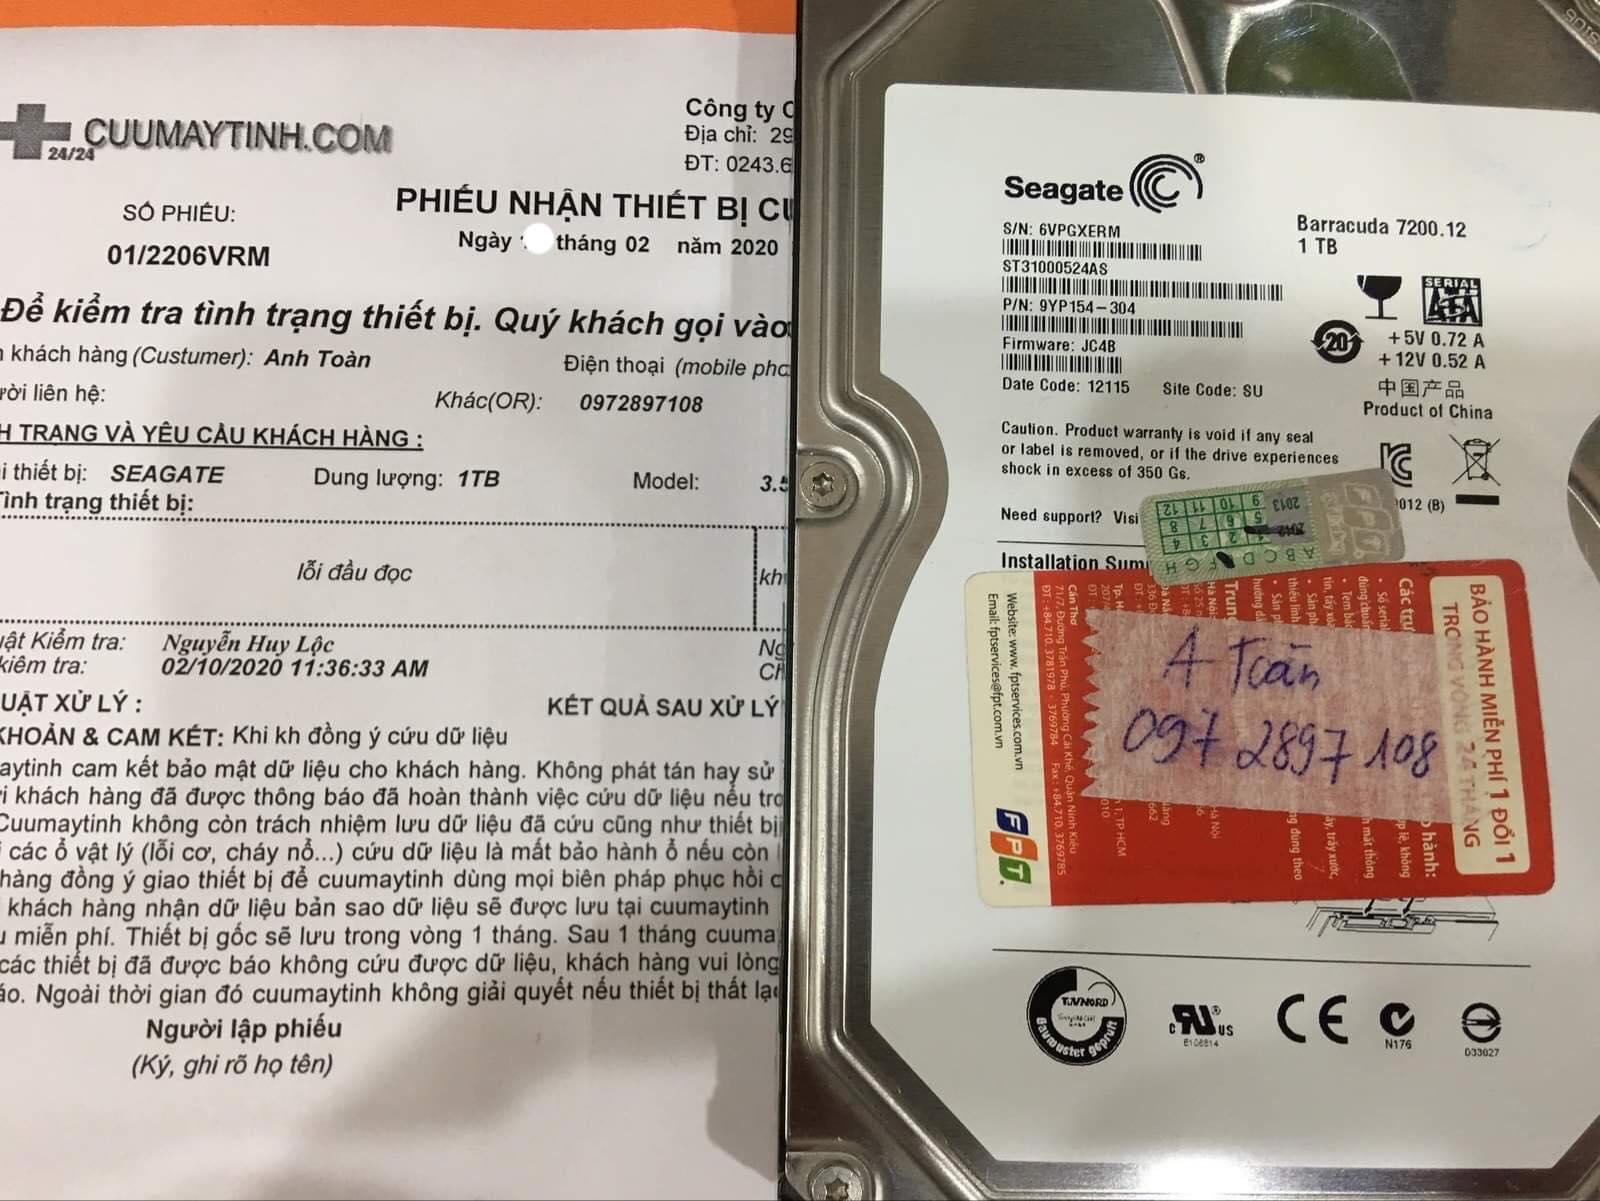 Lấy dữ liệu ổ cứng Seagate 1TB lỗi đầu đọc 14/02/2020 - cuumaytinh